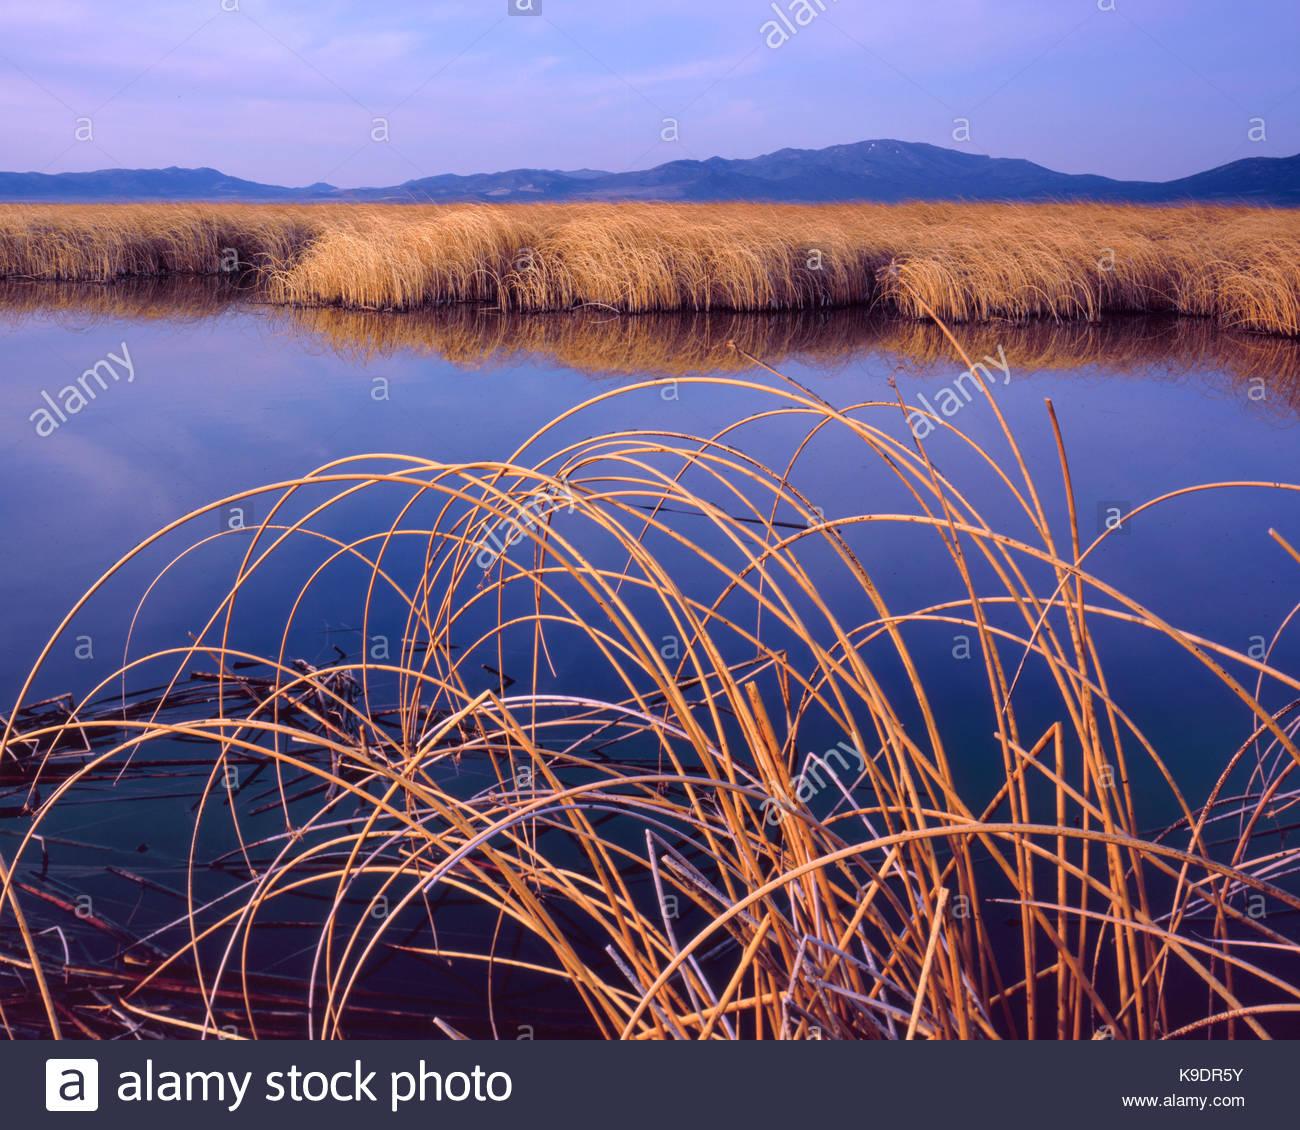 Reeds and Lake at Sunrise,Ruby Lake NationalWildlife Refuge, Nevada - Stock Image